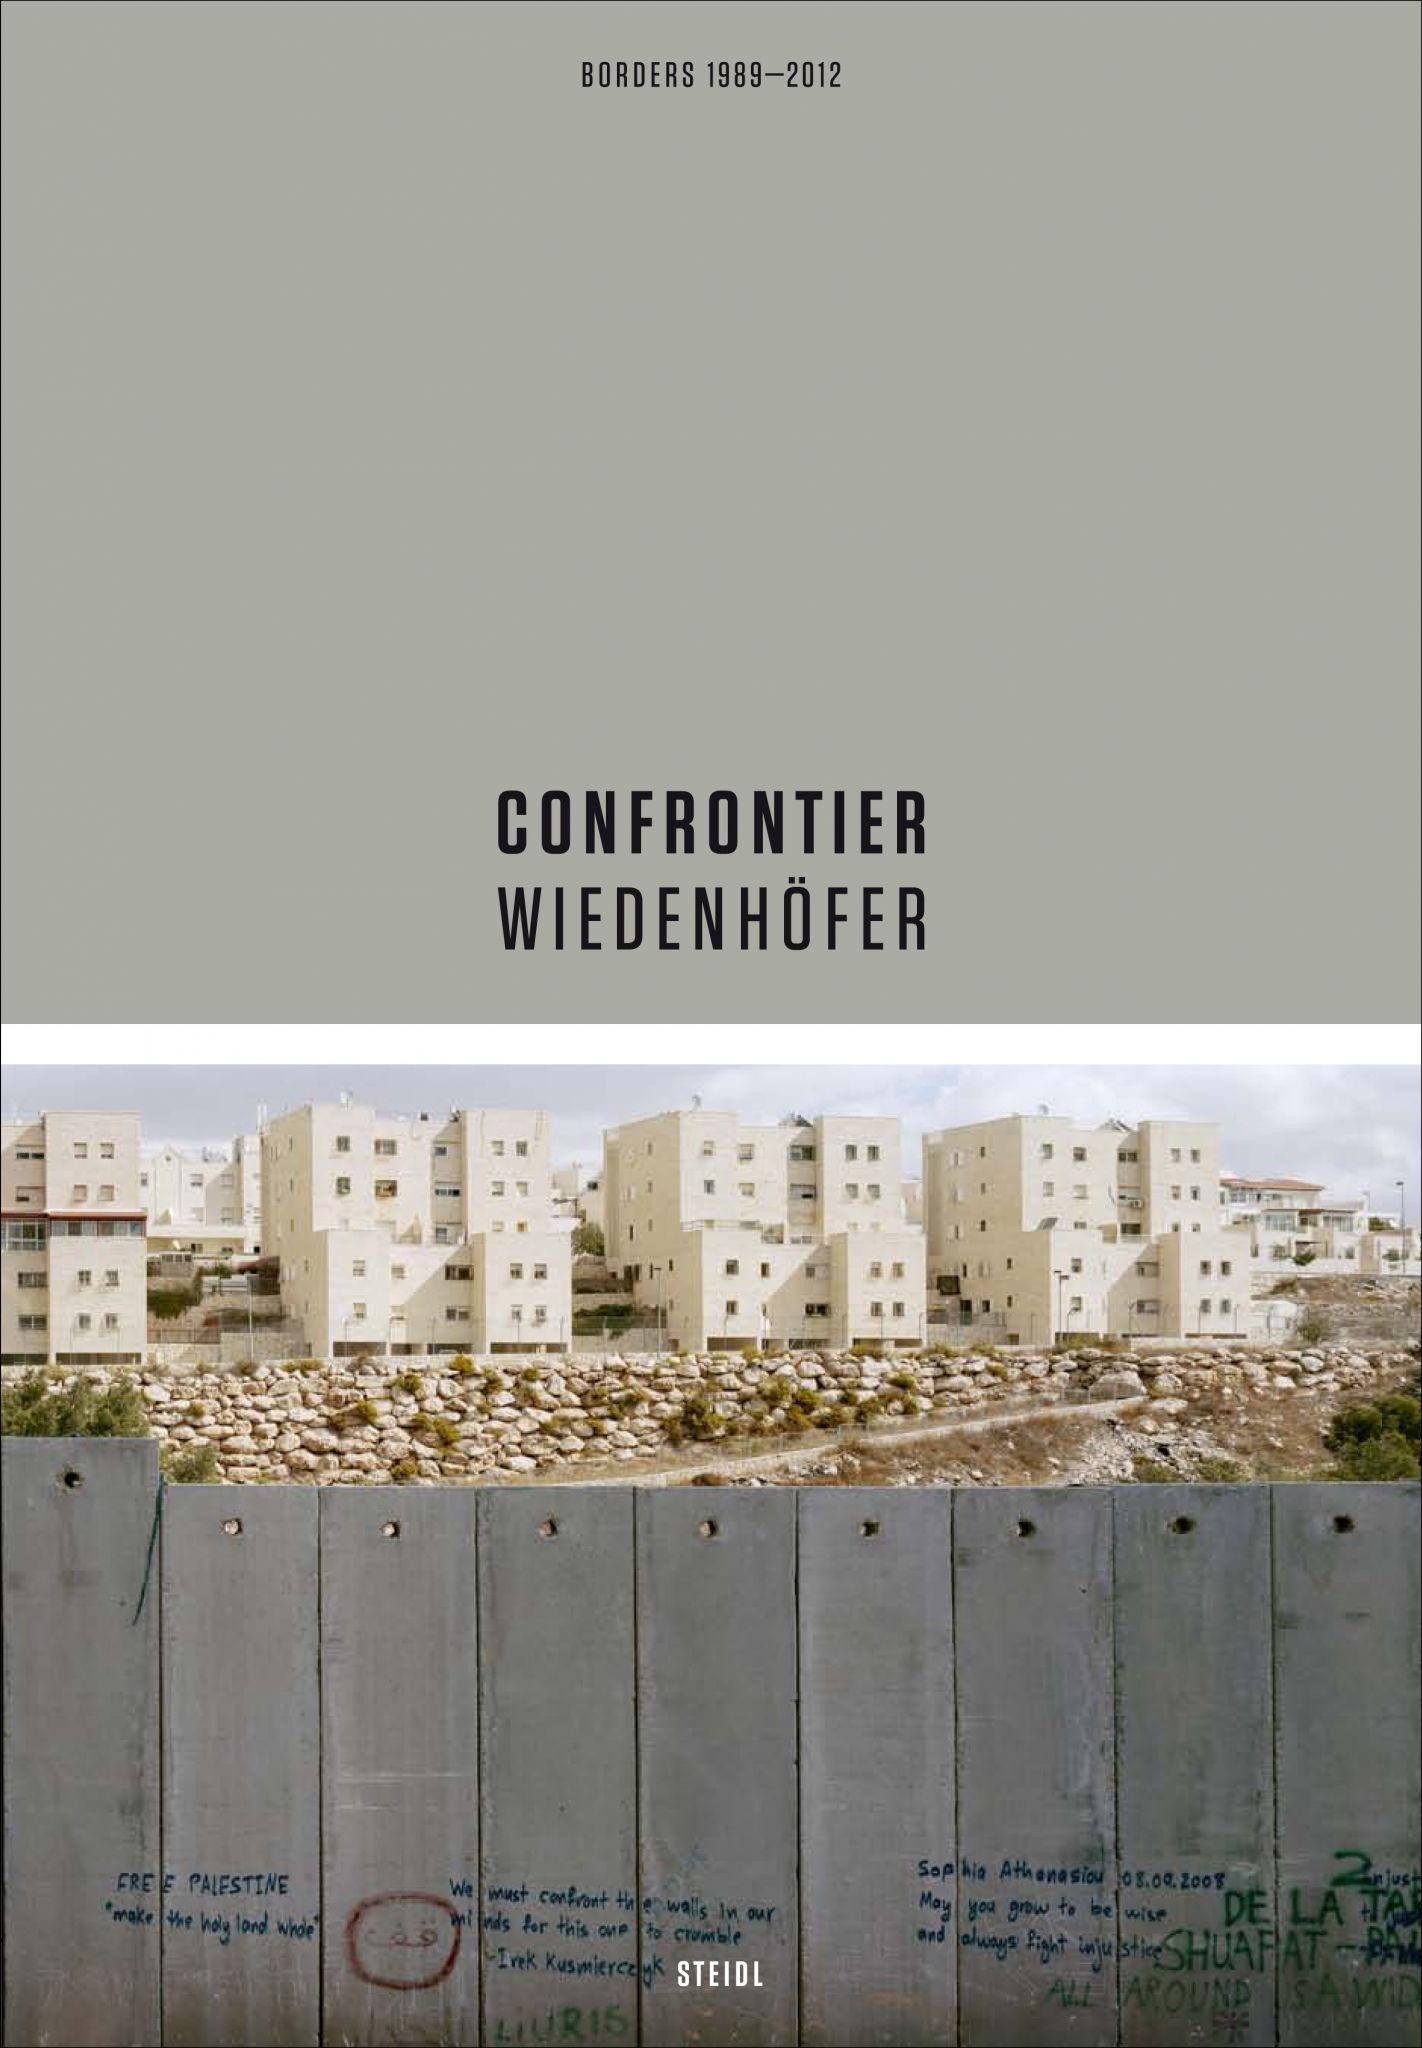 Wiedenhöfer_Confrontier_Cover